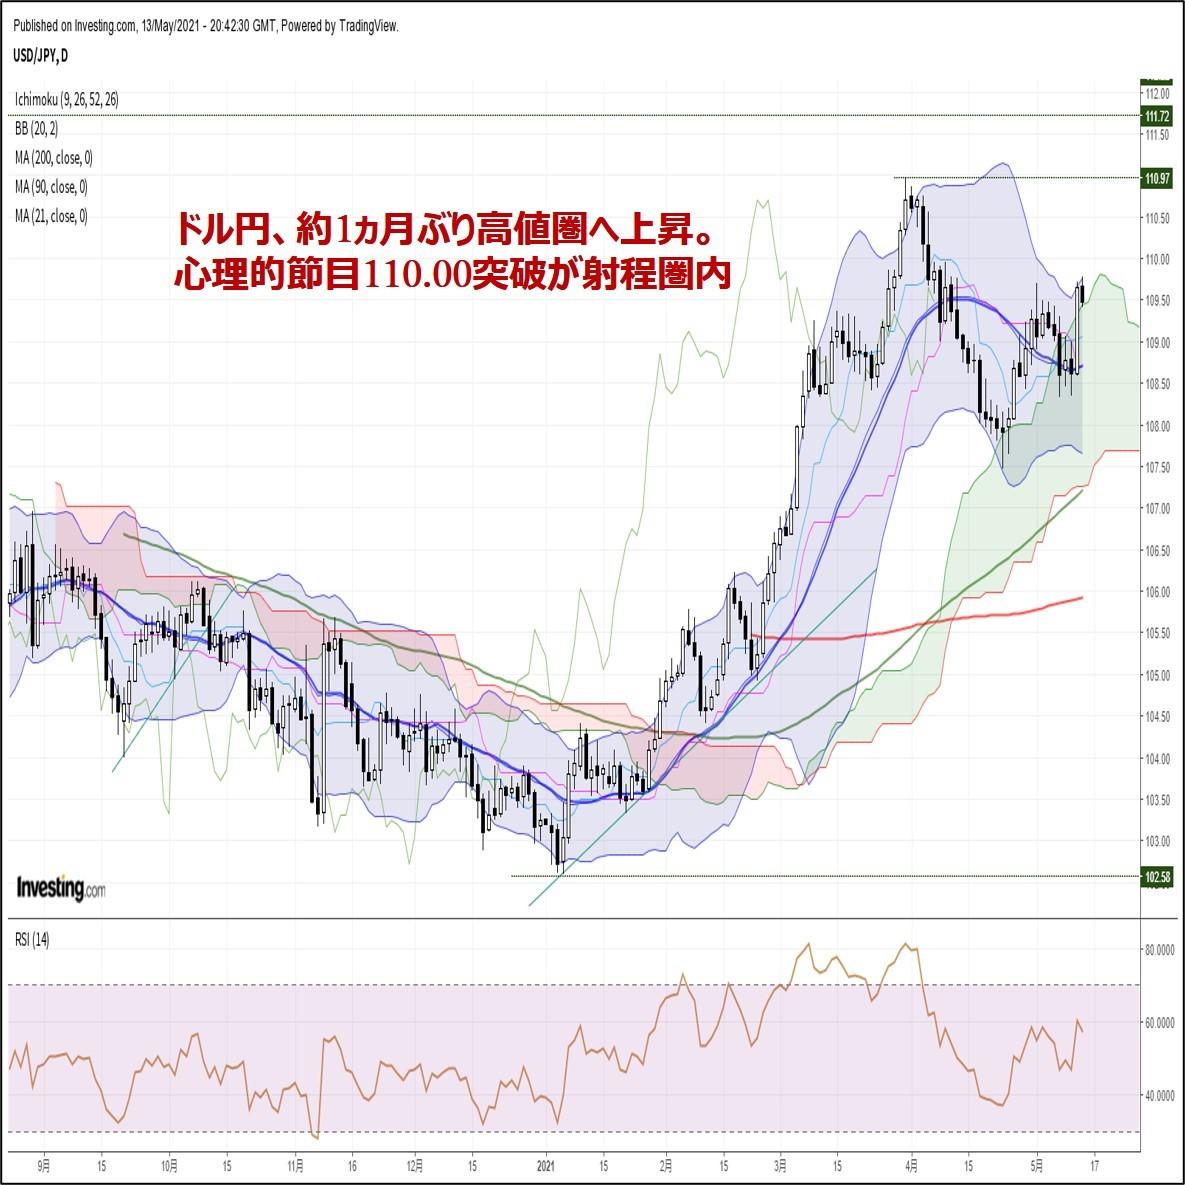 ドル円、約1ヵ月ぶり高値圏へ上昇。心理的節目110.00突破が射程圏内(5/14朝)